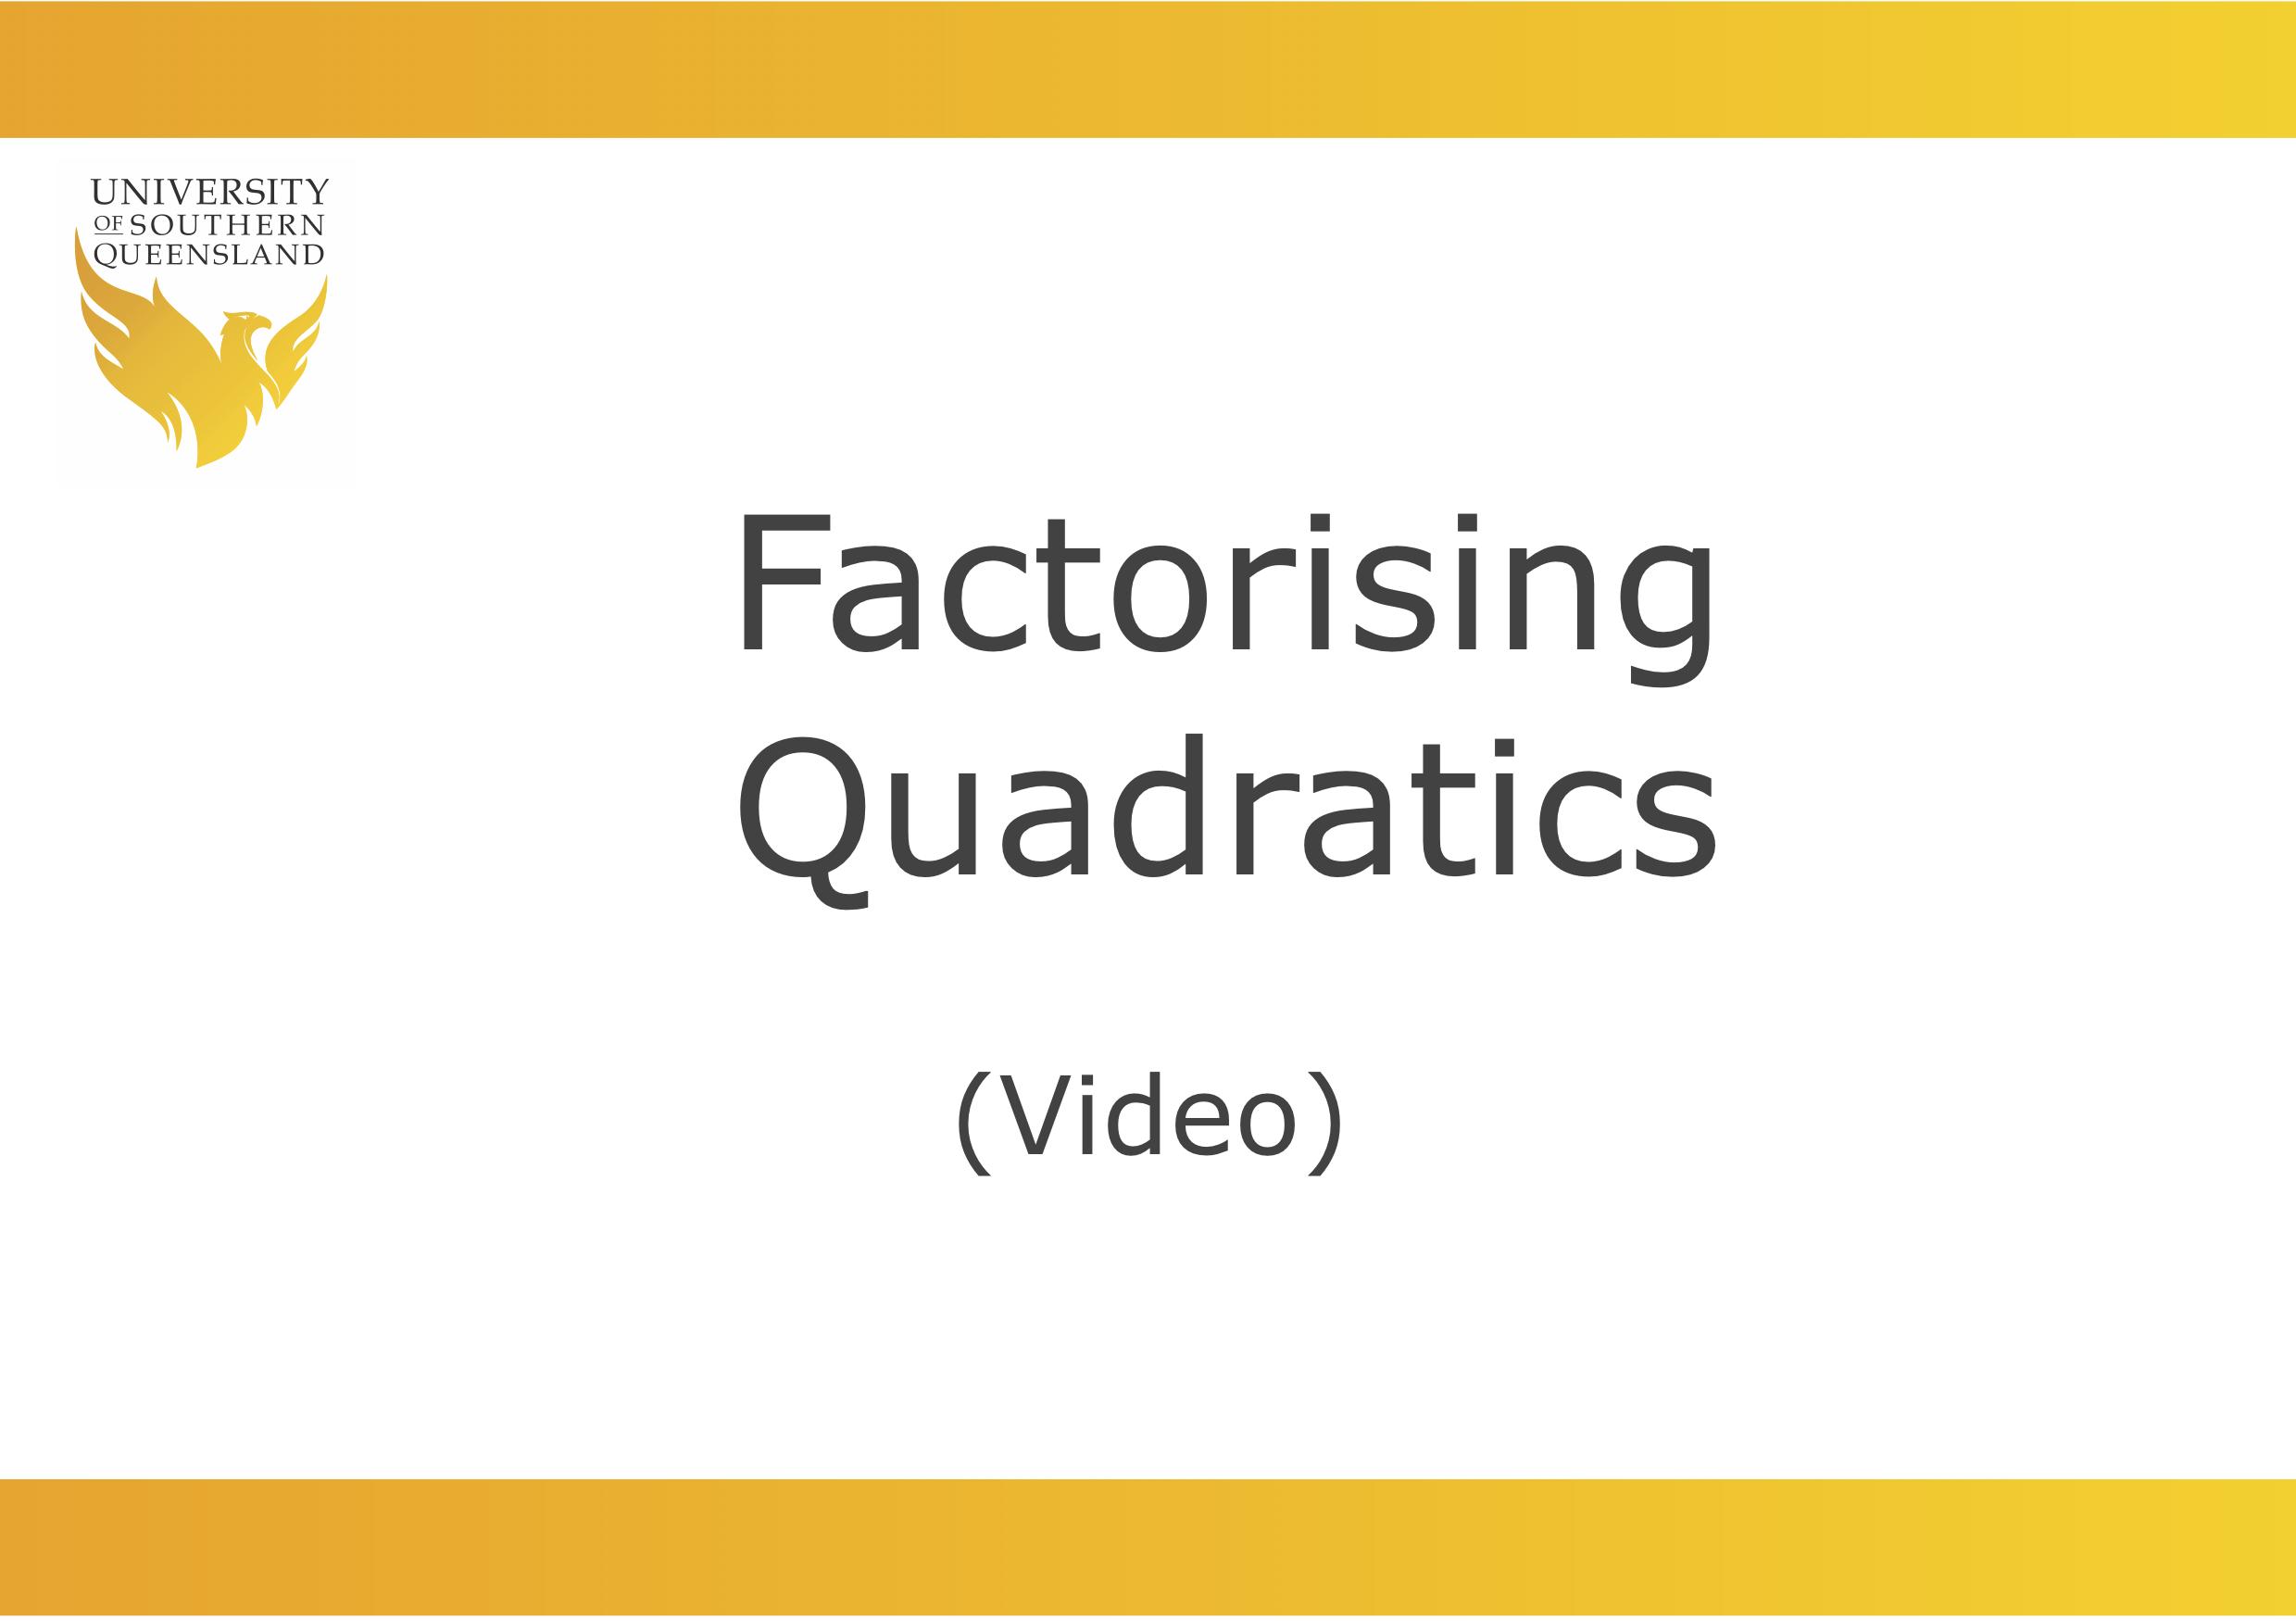 Factorising quadratics video